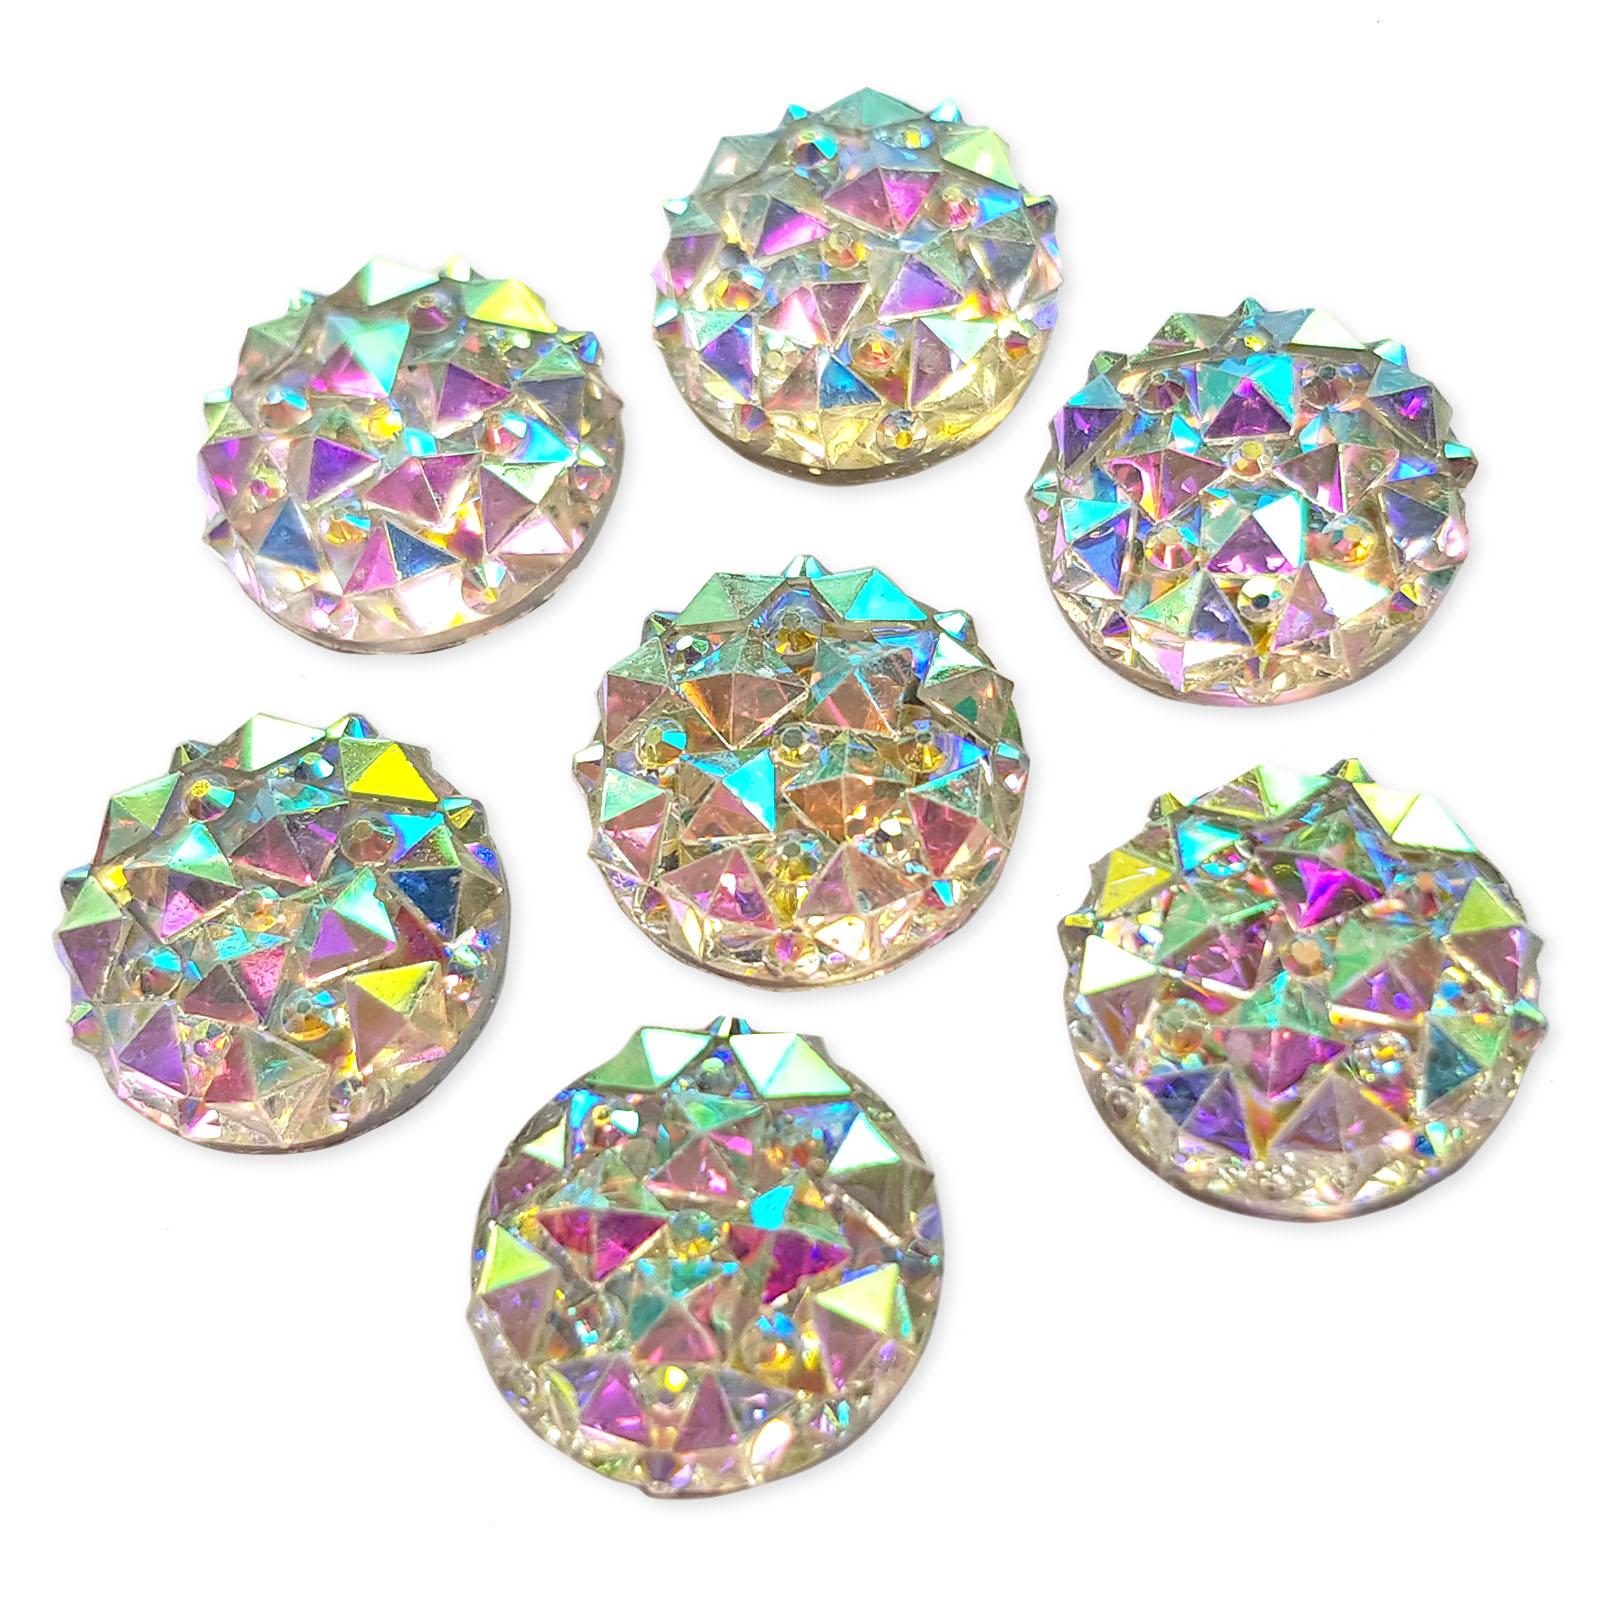 25pcs Assorted Mix sizes AB Acrylic Crystal Rhinestone Embellishments Craft Gems